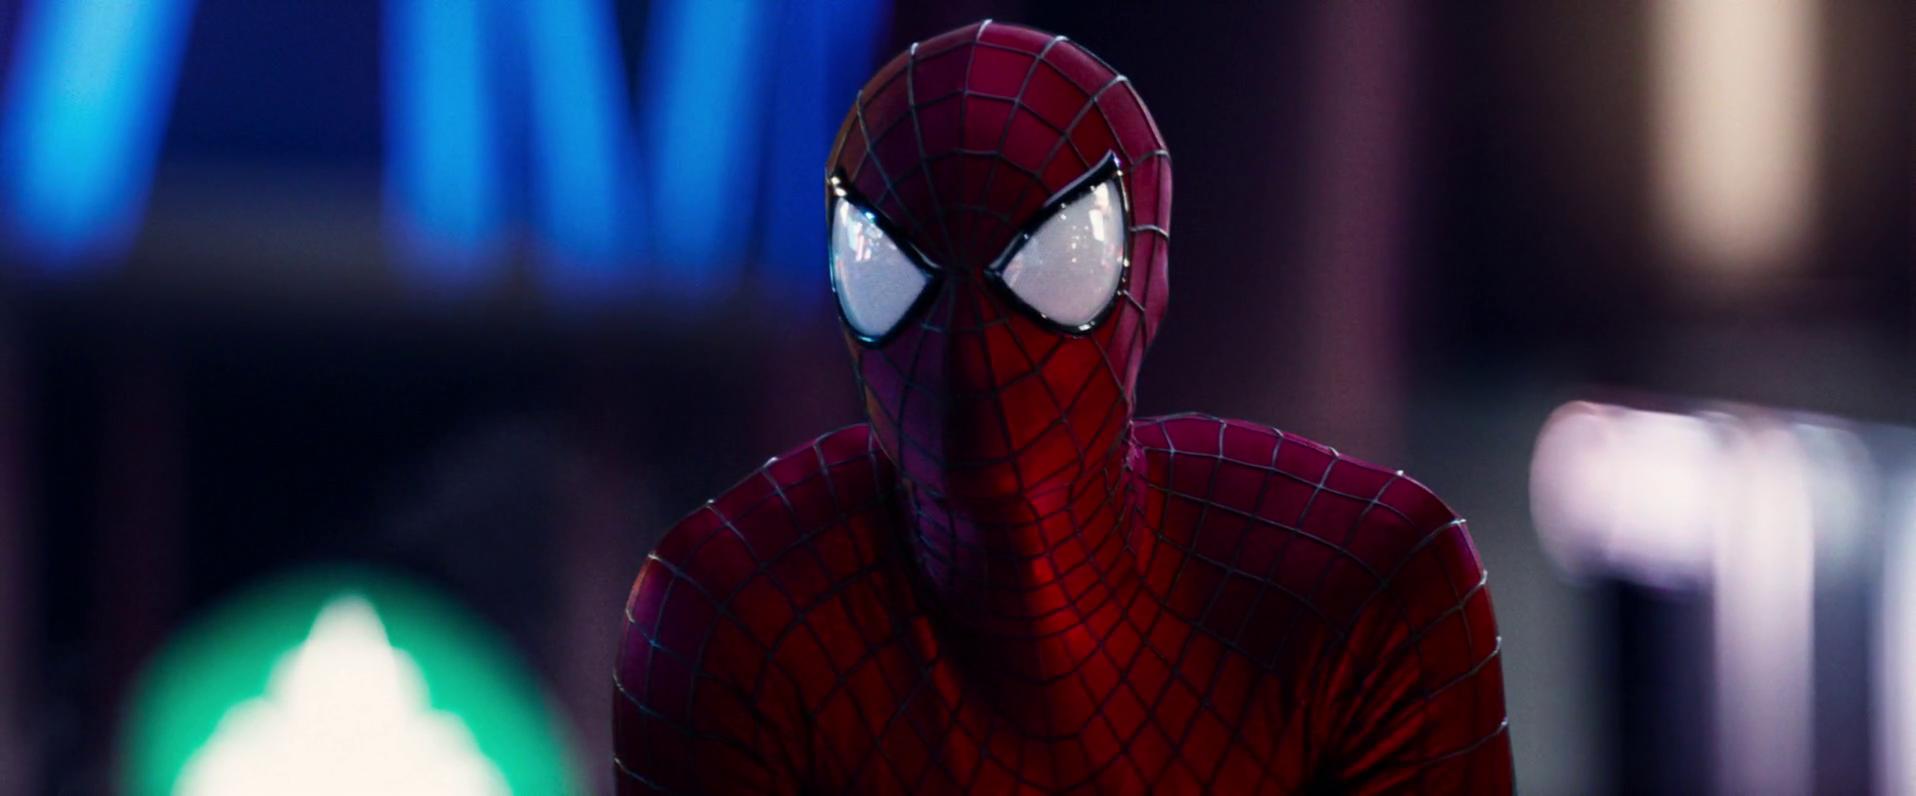 Новый Человек-паук: Высокое напряжение / The Amazing Spider-Man 2 (2014) WEB-DL 1080p | Лицензия